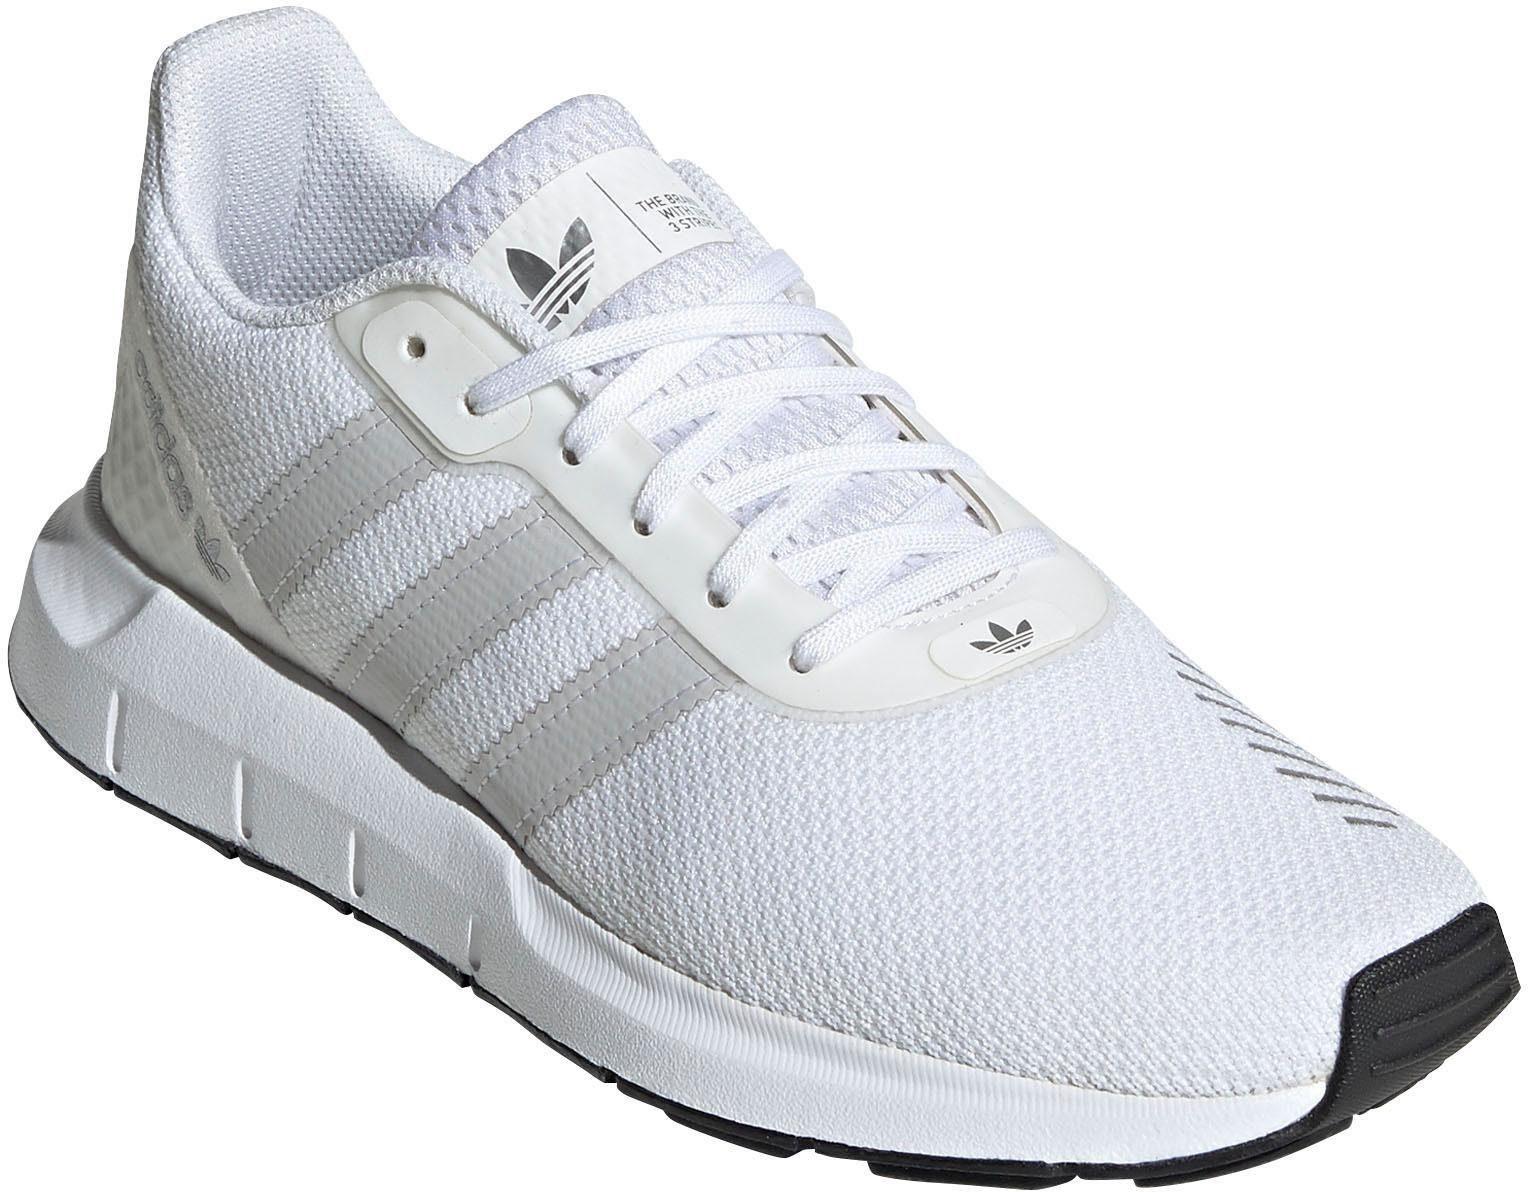 adidas Originals »Swift Run RF W« Sneaker kaufen   OTTO